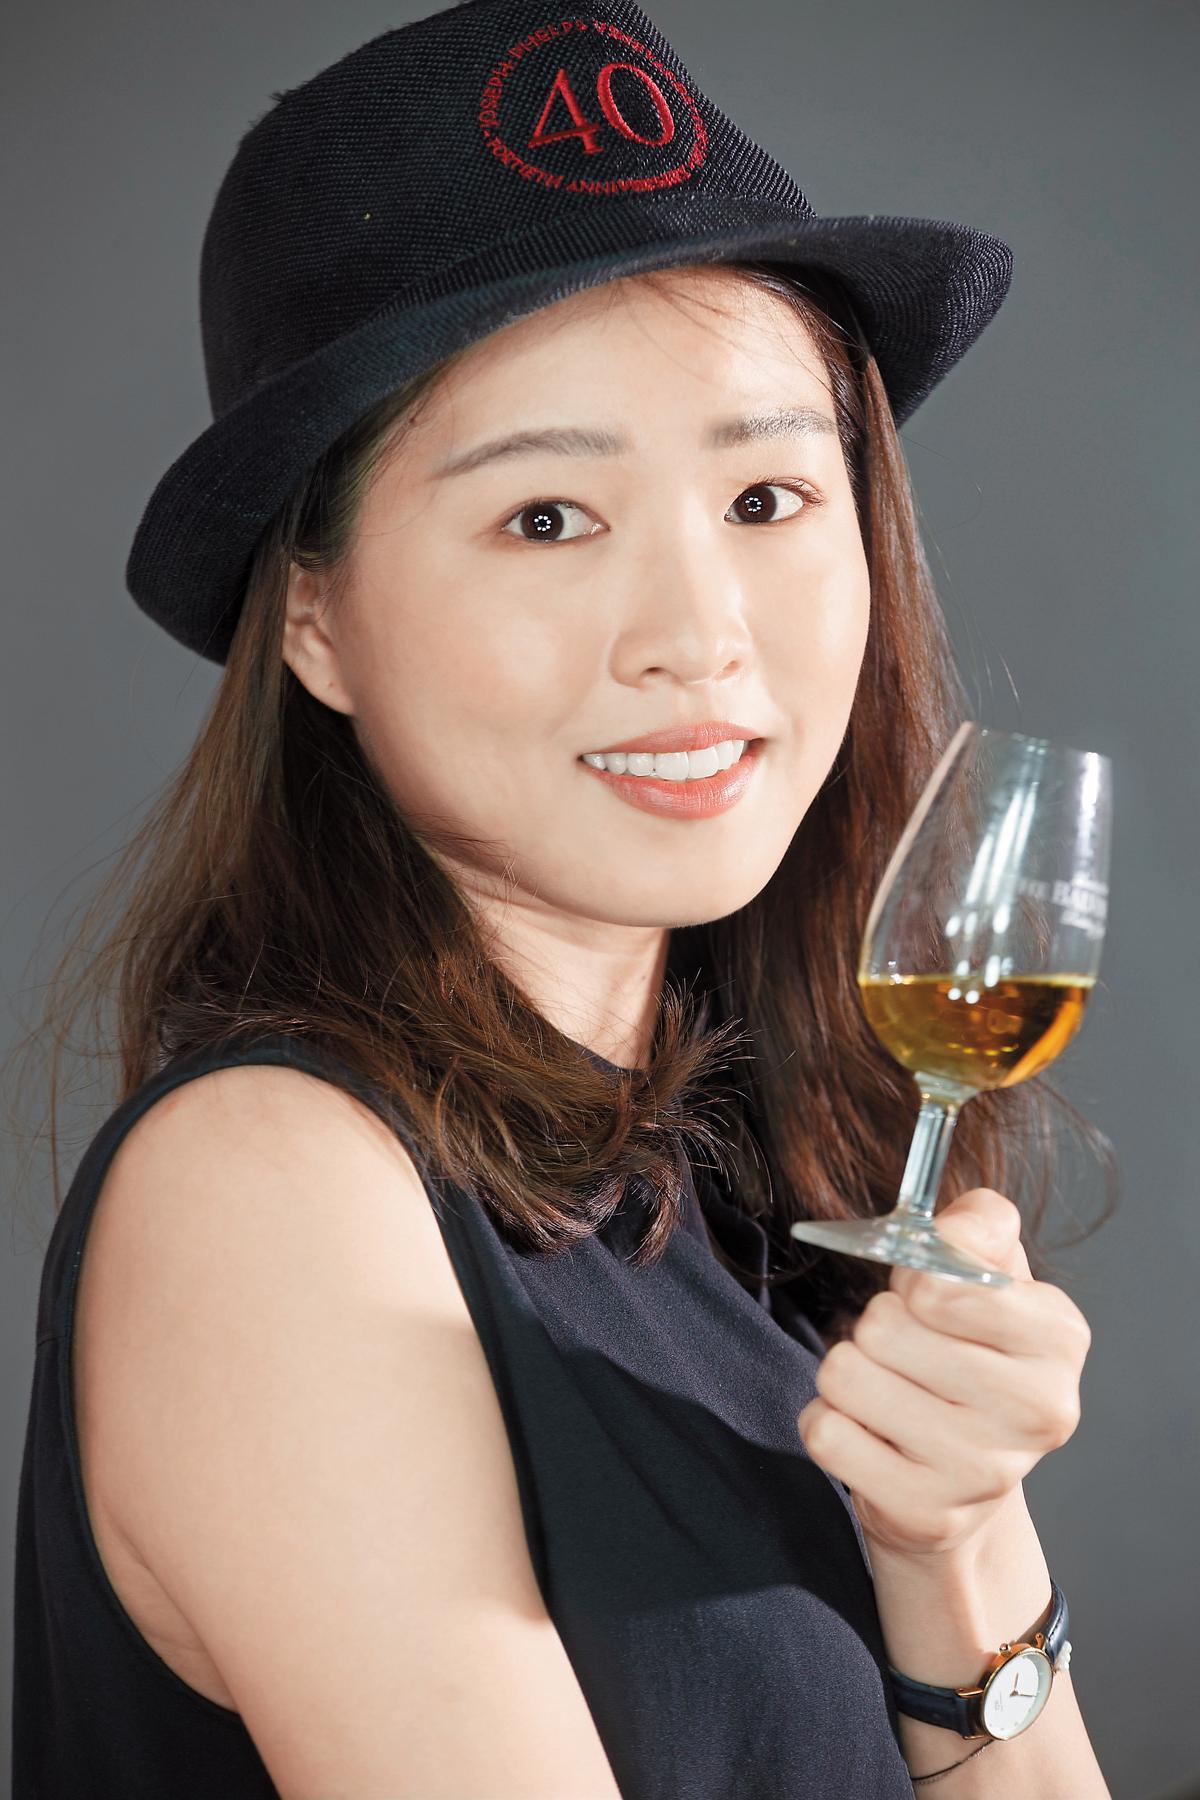 觸手感:別以為喝酒用不到觸覺,選擇了不同杯子,把玩起來整個感覺就是不同,連帶影響品飲心情。